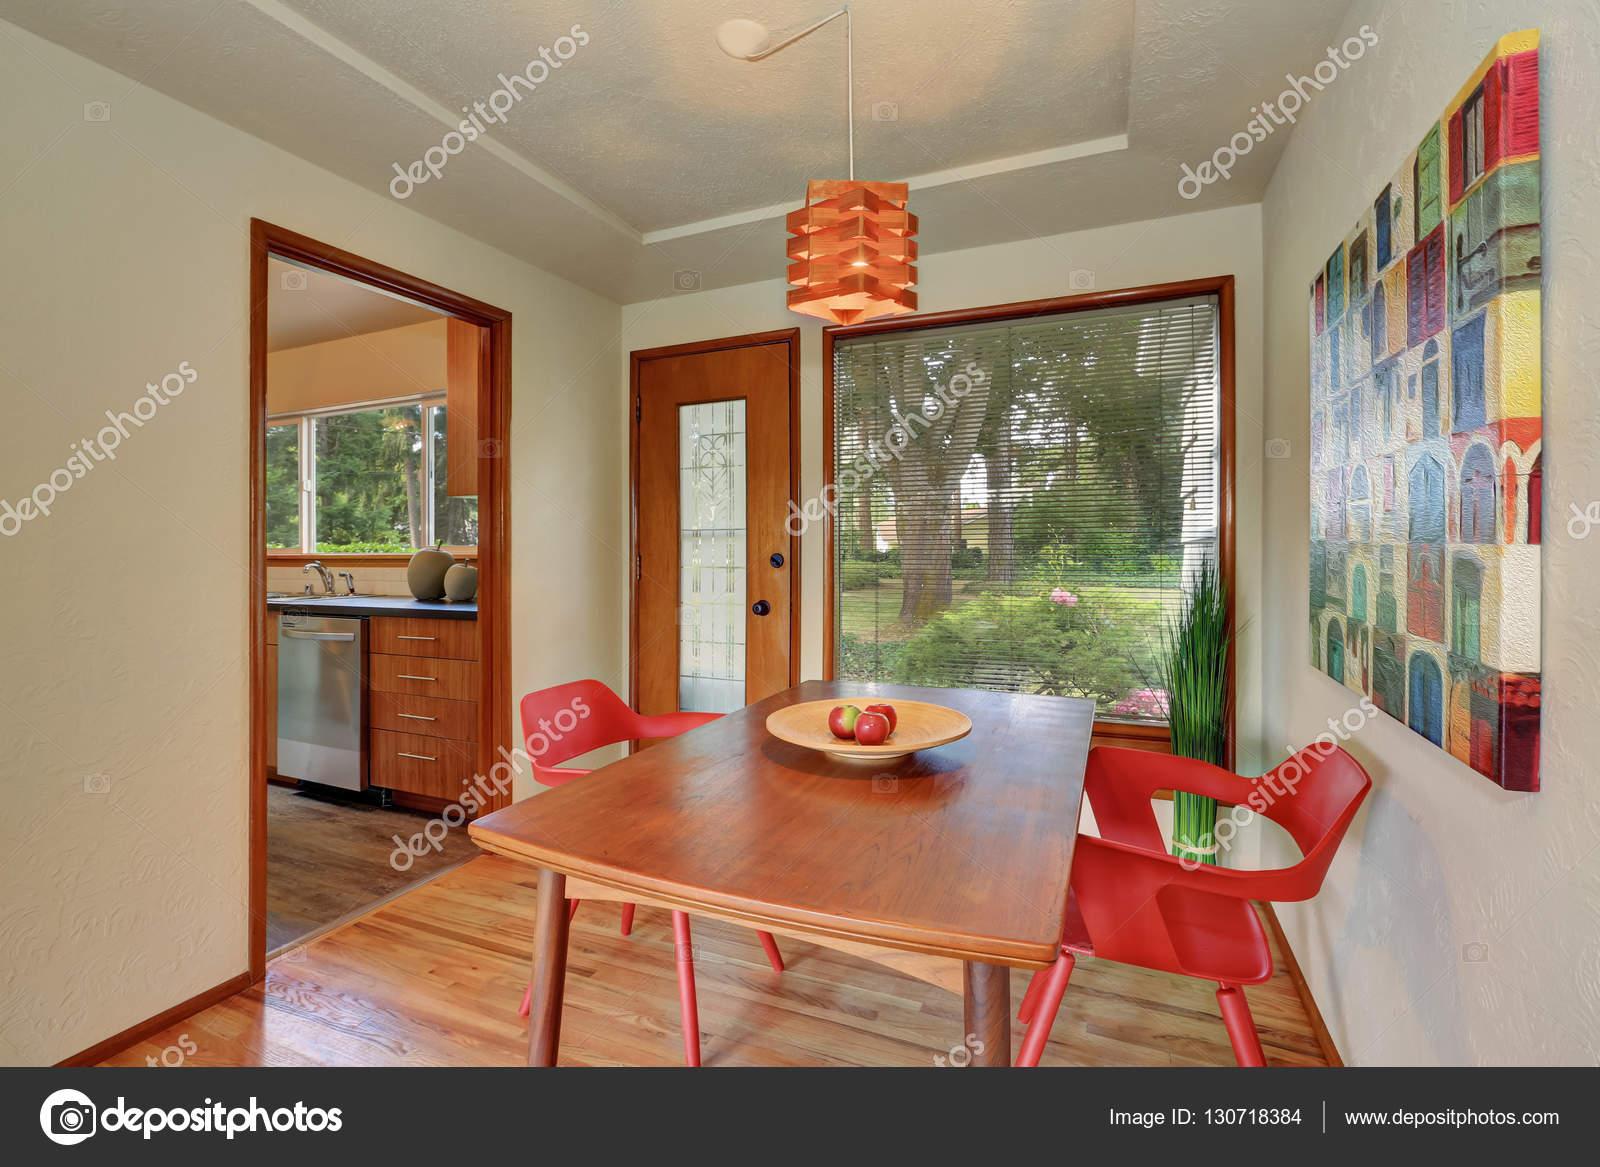 Interieur De Zone Salle A Manger Avec Des Chaises Rouges Et Sortie